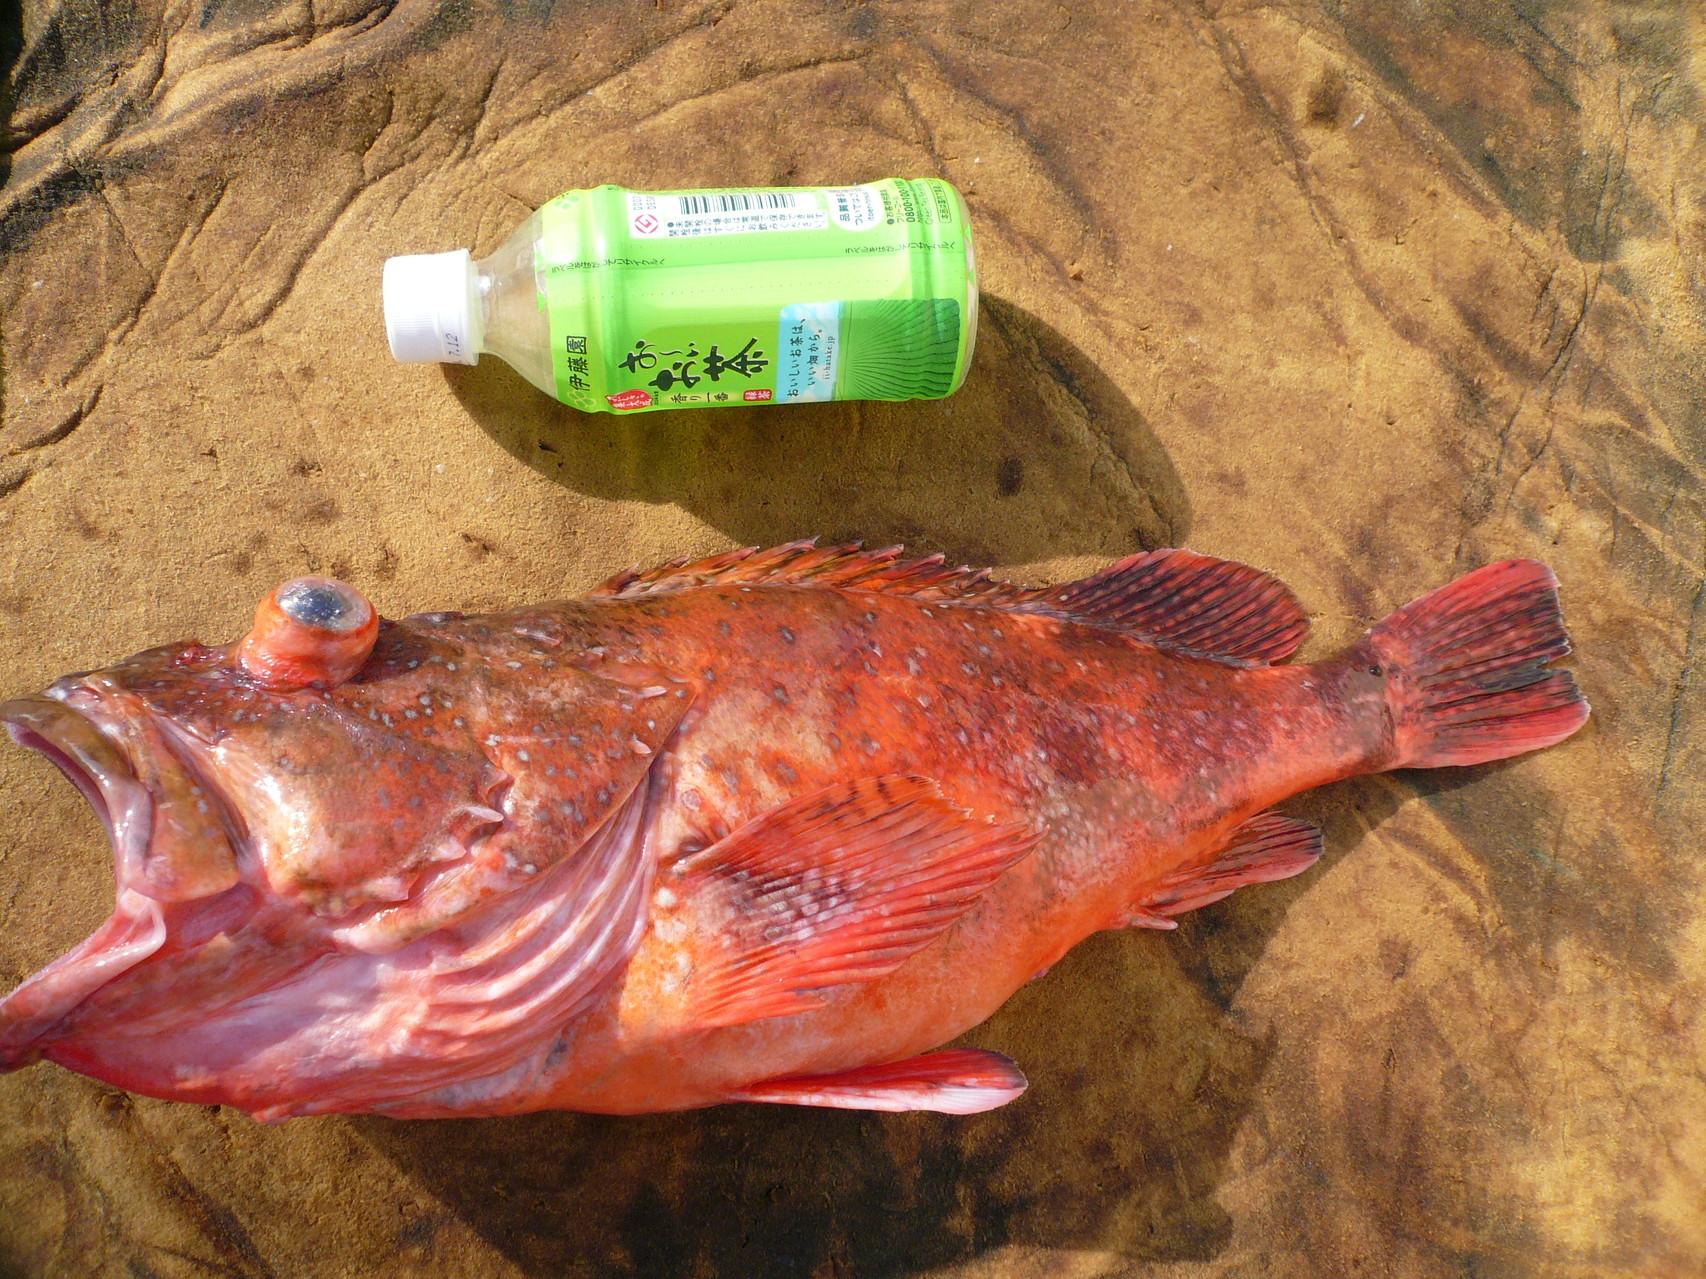 4月8日三界のポイント・タイ釣り場 ウッカリカサゴ・1.9kg いいサイズ